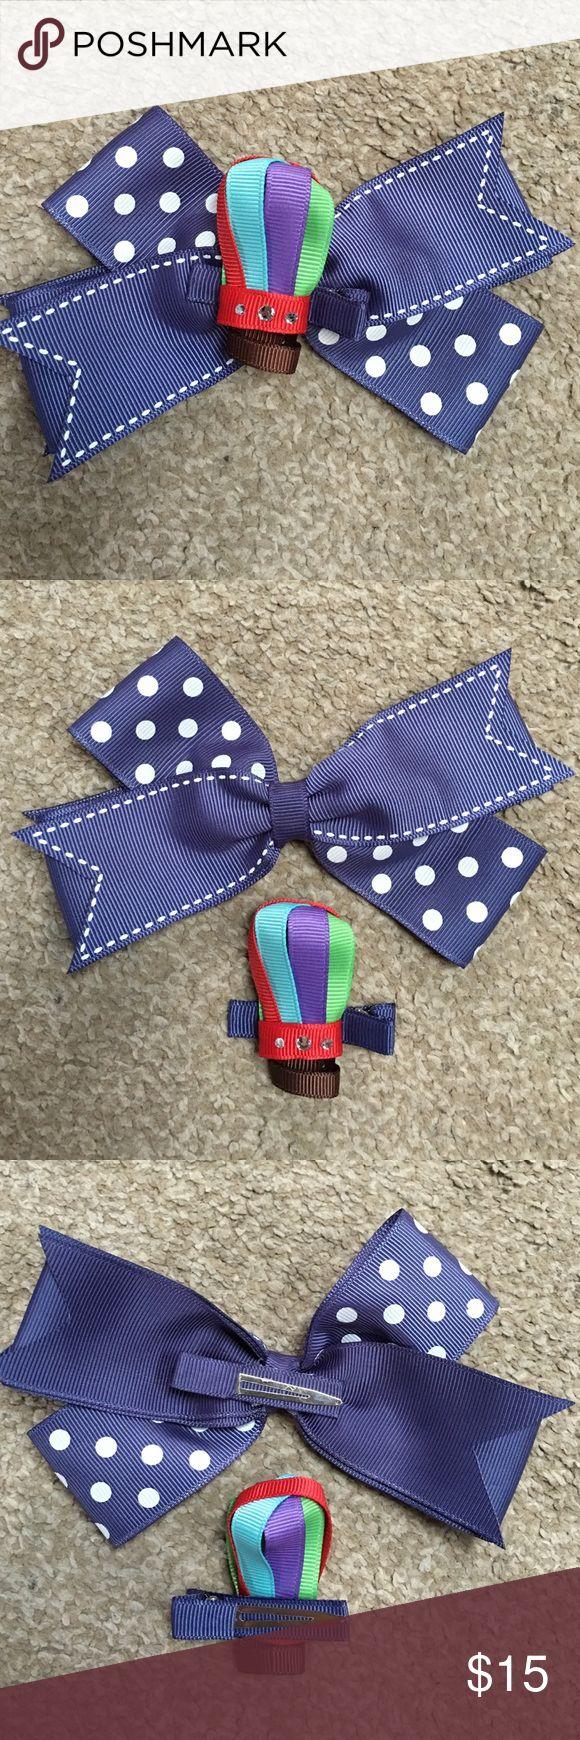 Hair bow button accessories - 2 1 Homemade Hair Bows